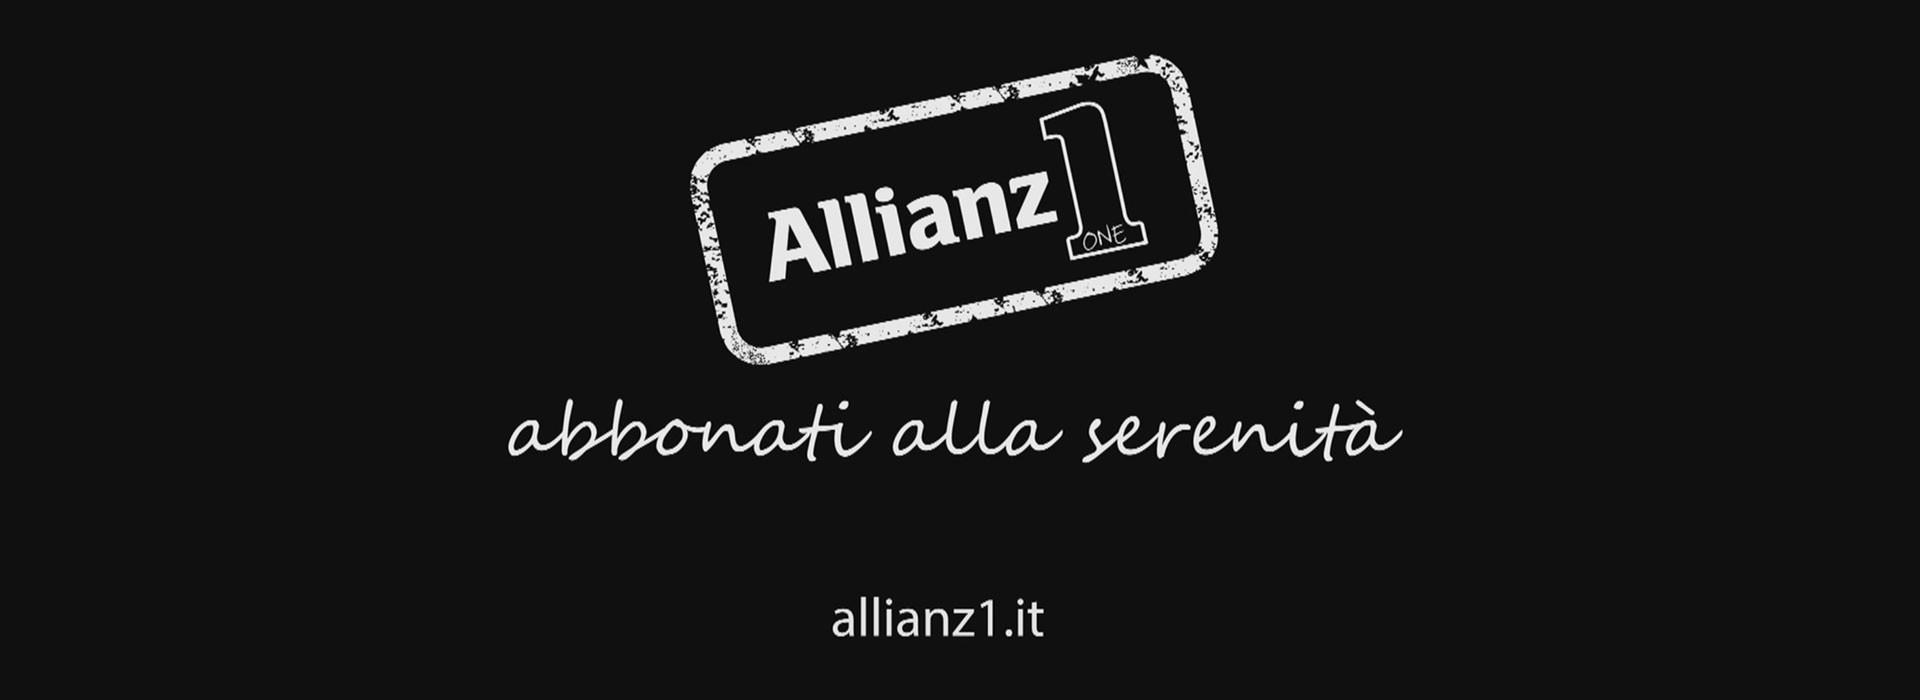 allianz-banner